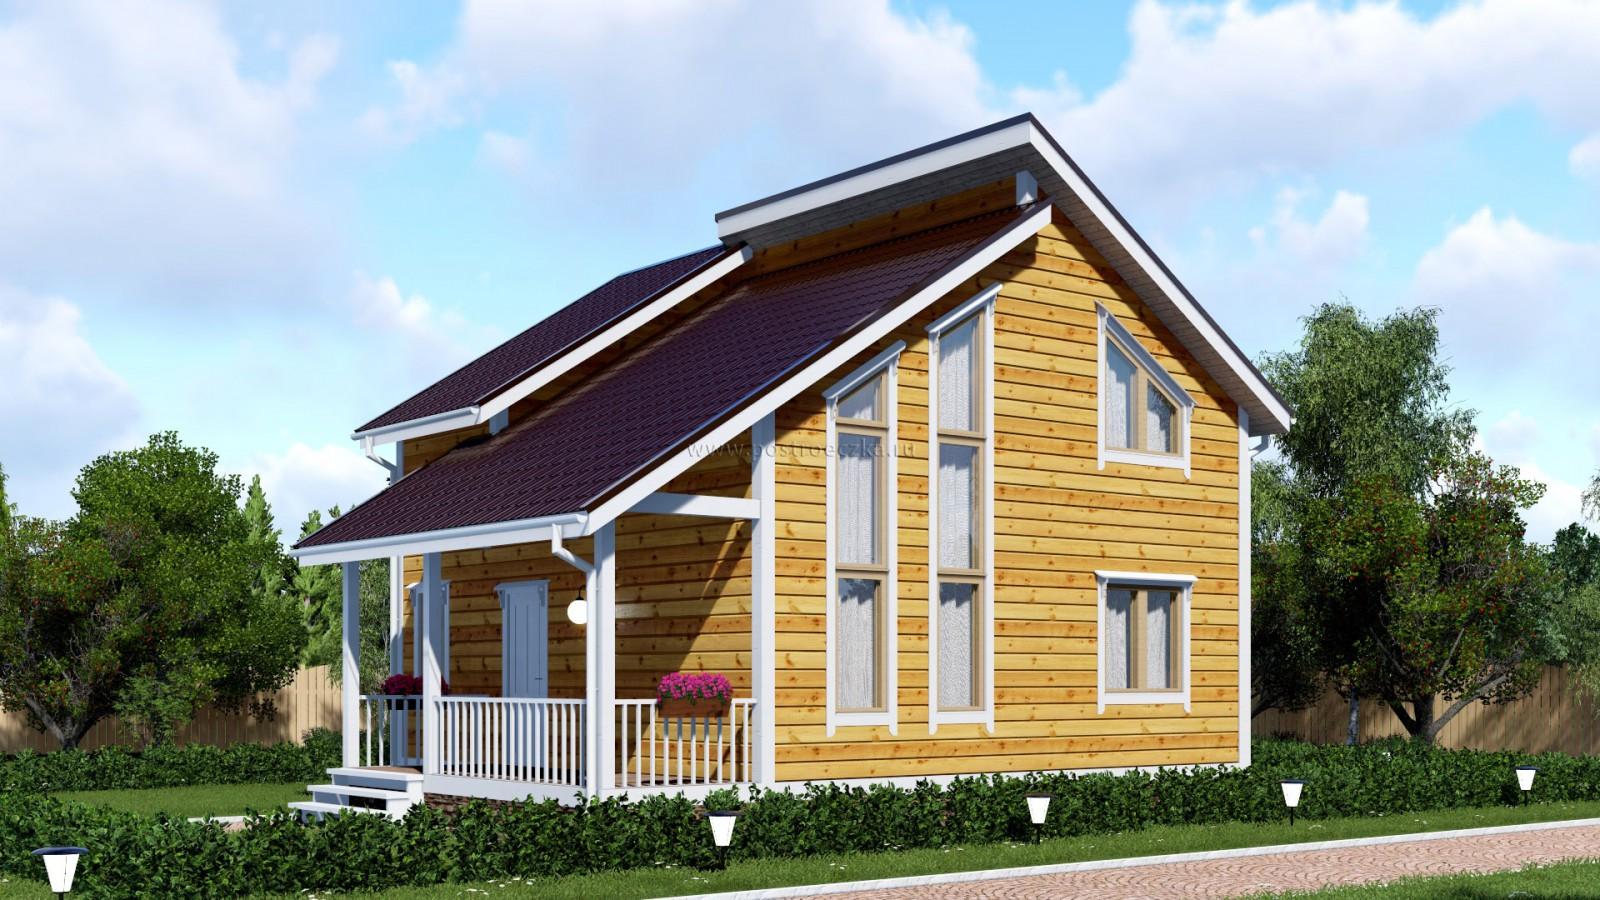 Какой дом лучше строить: из бруса или каркасный?